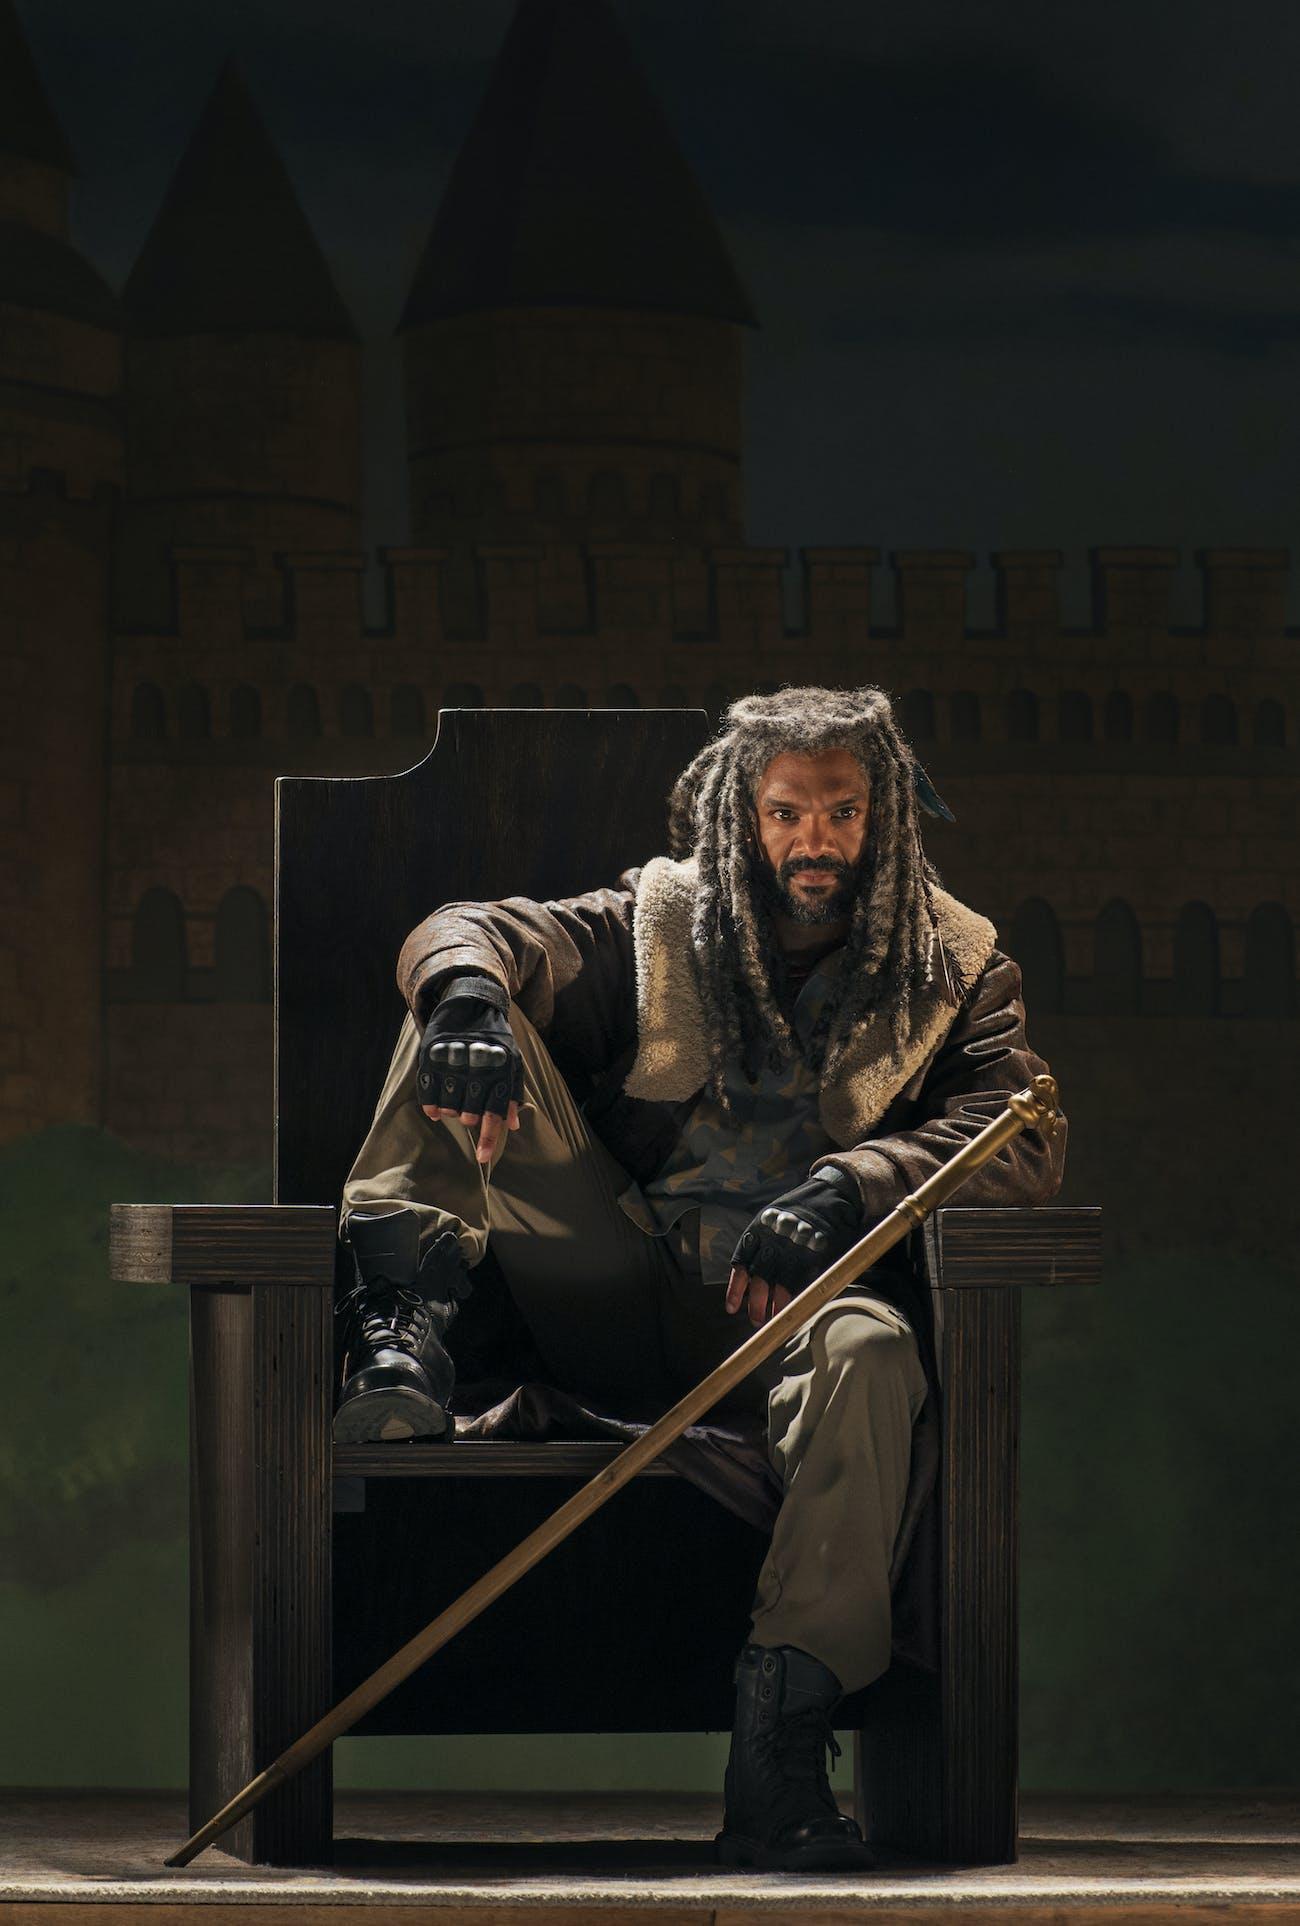 Ezekiel Walking Dead Season 7